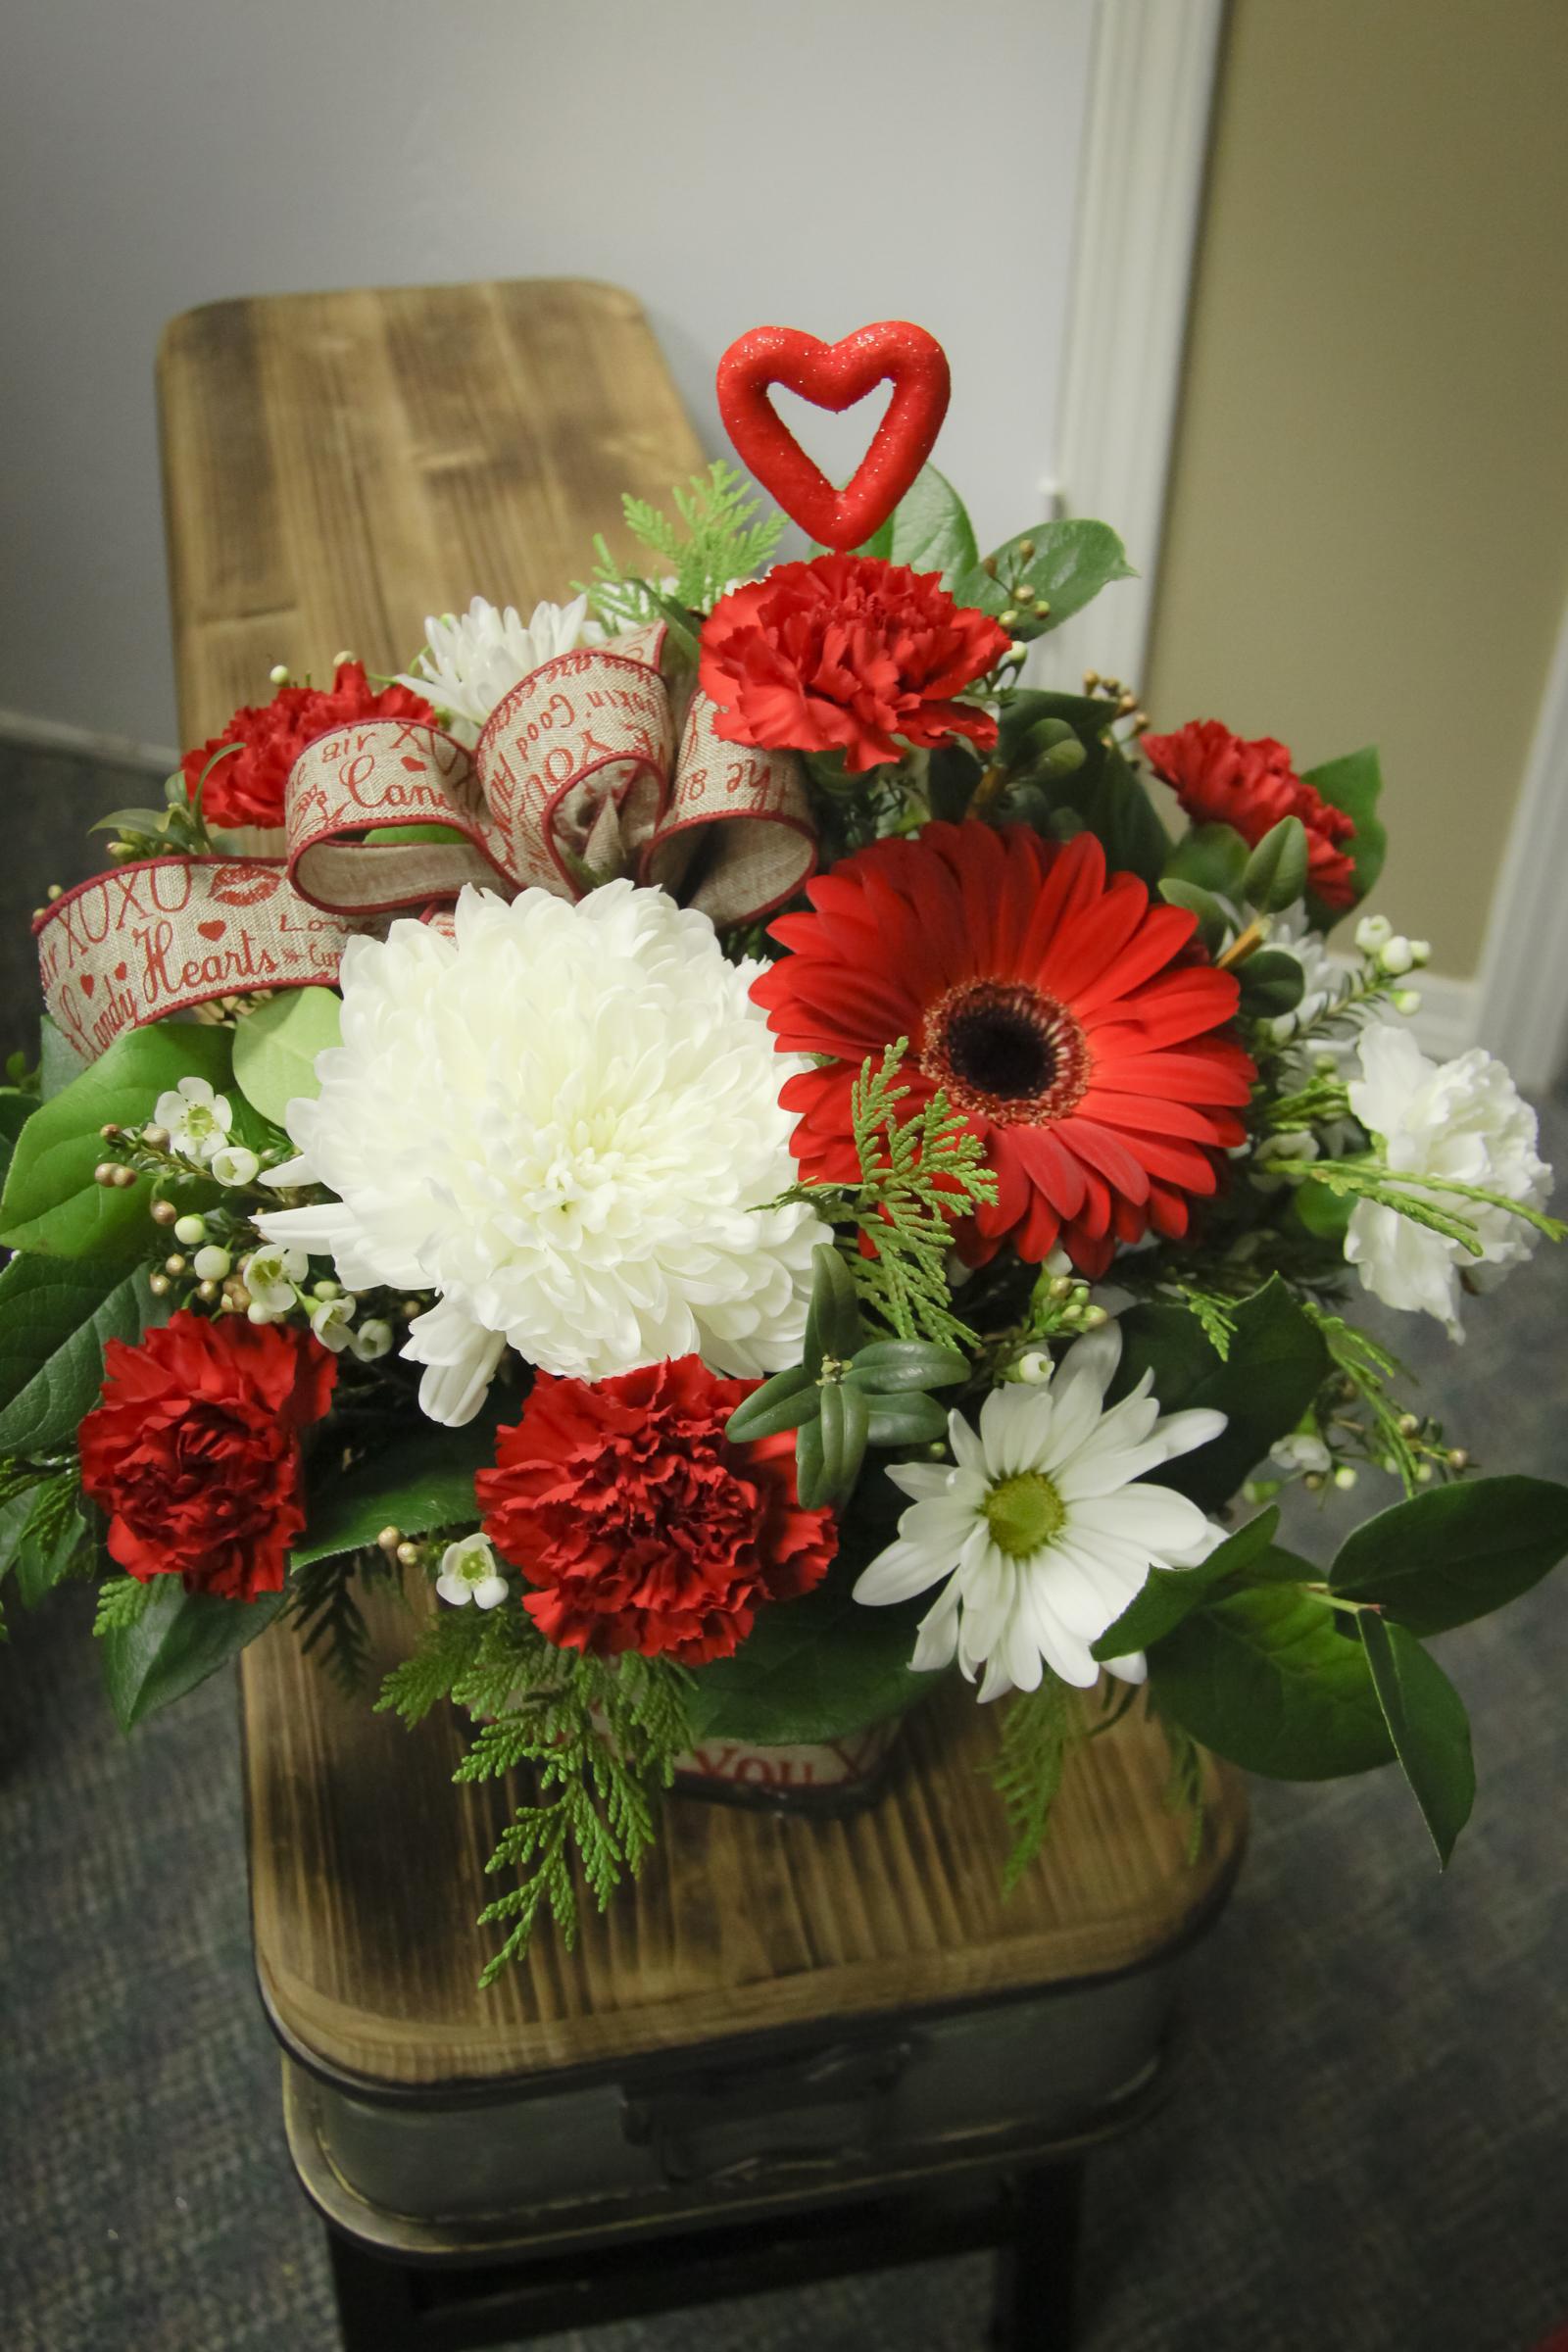 Valentines Centepiece Arrangement